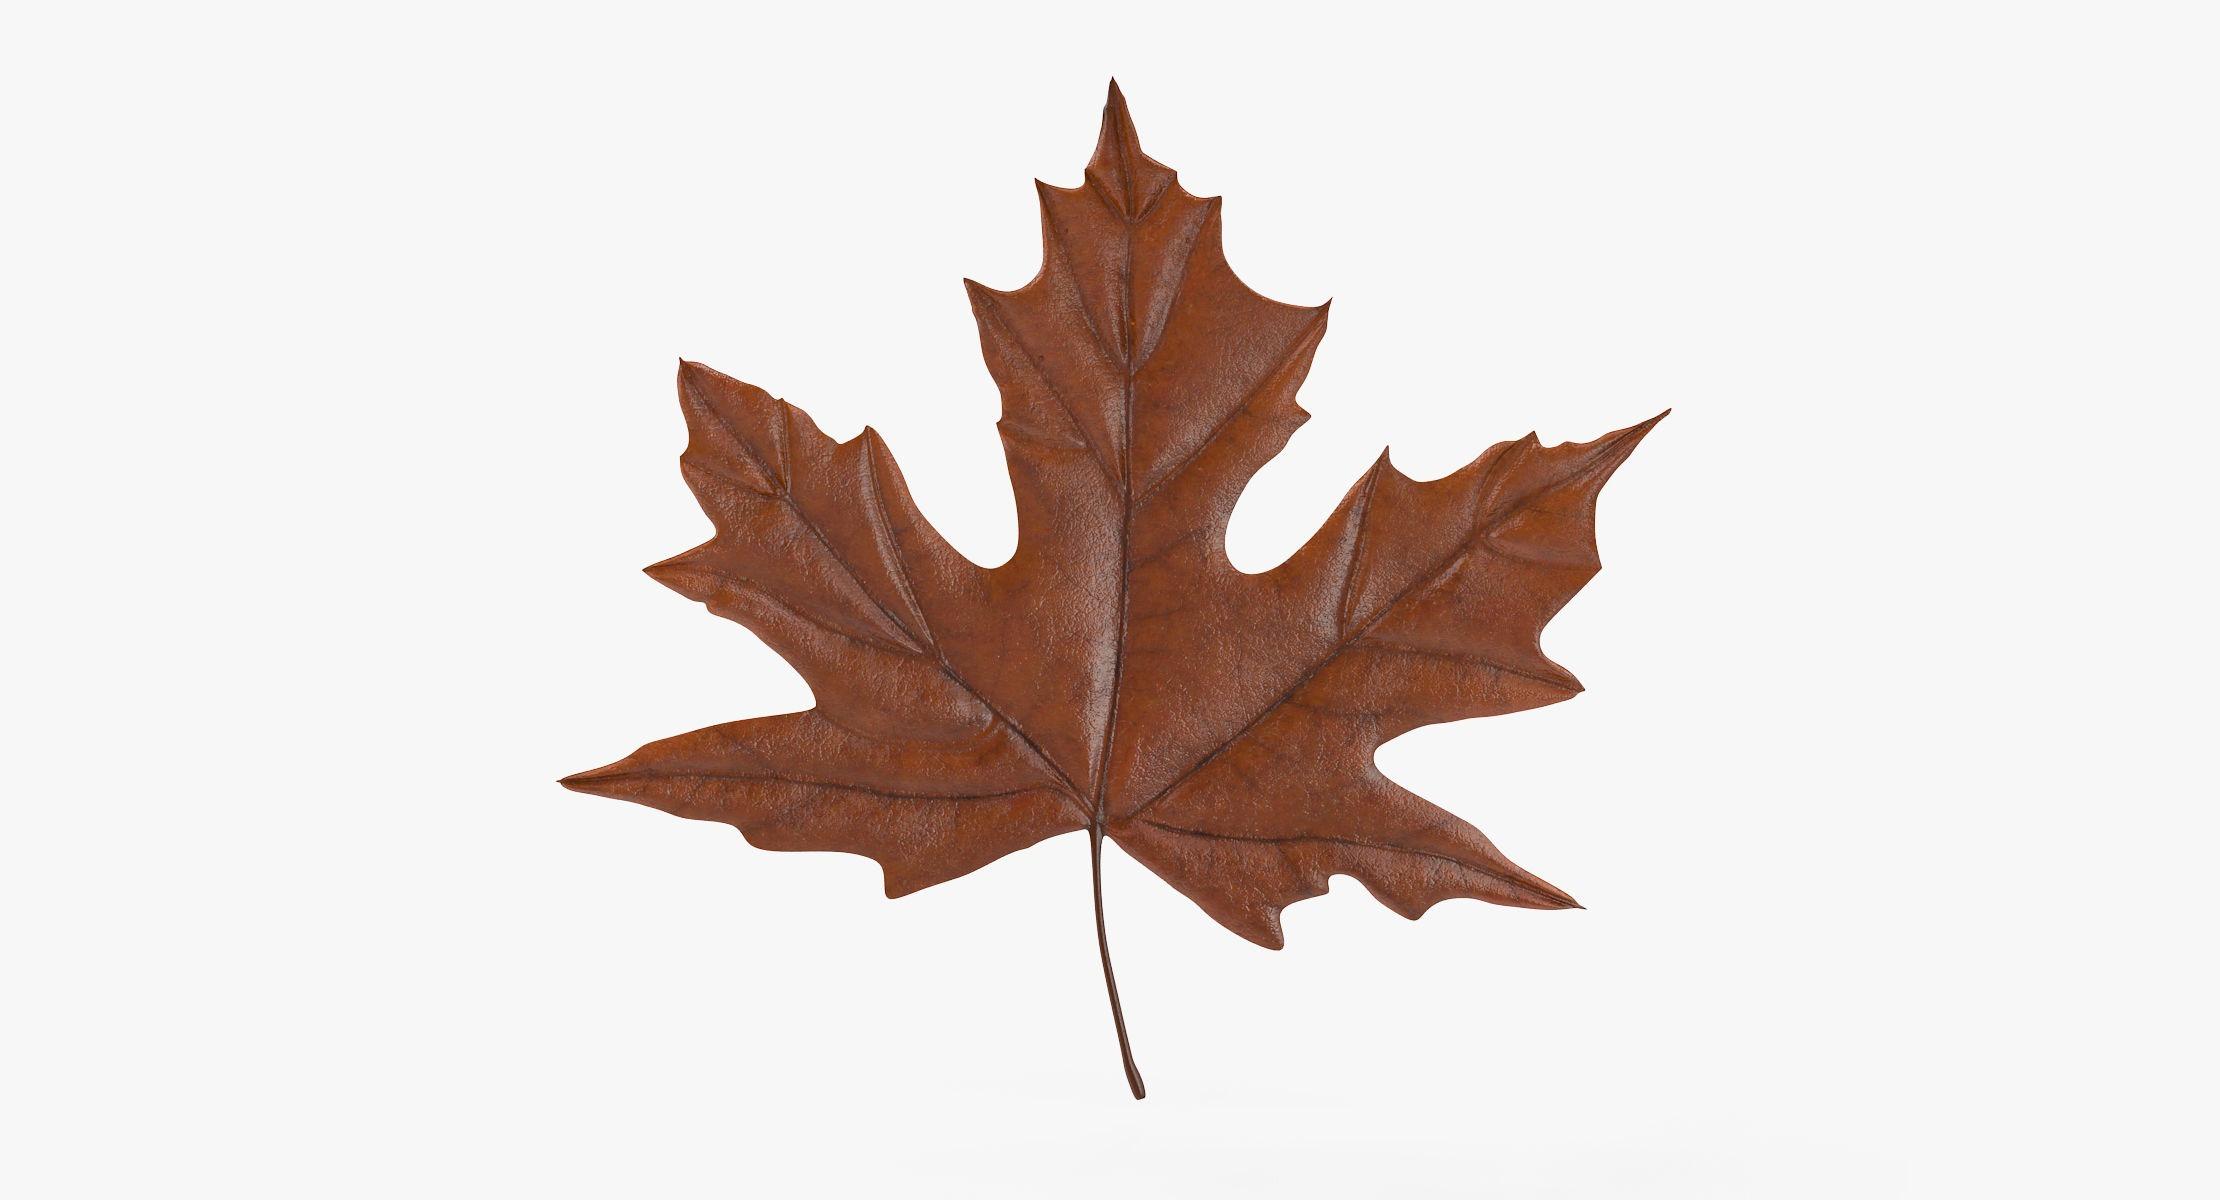 Maple Leaf 04 Orange - reel 1